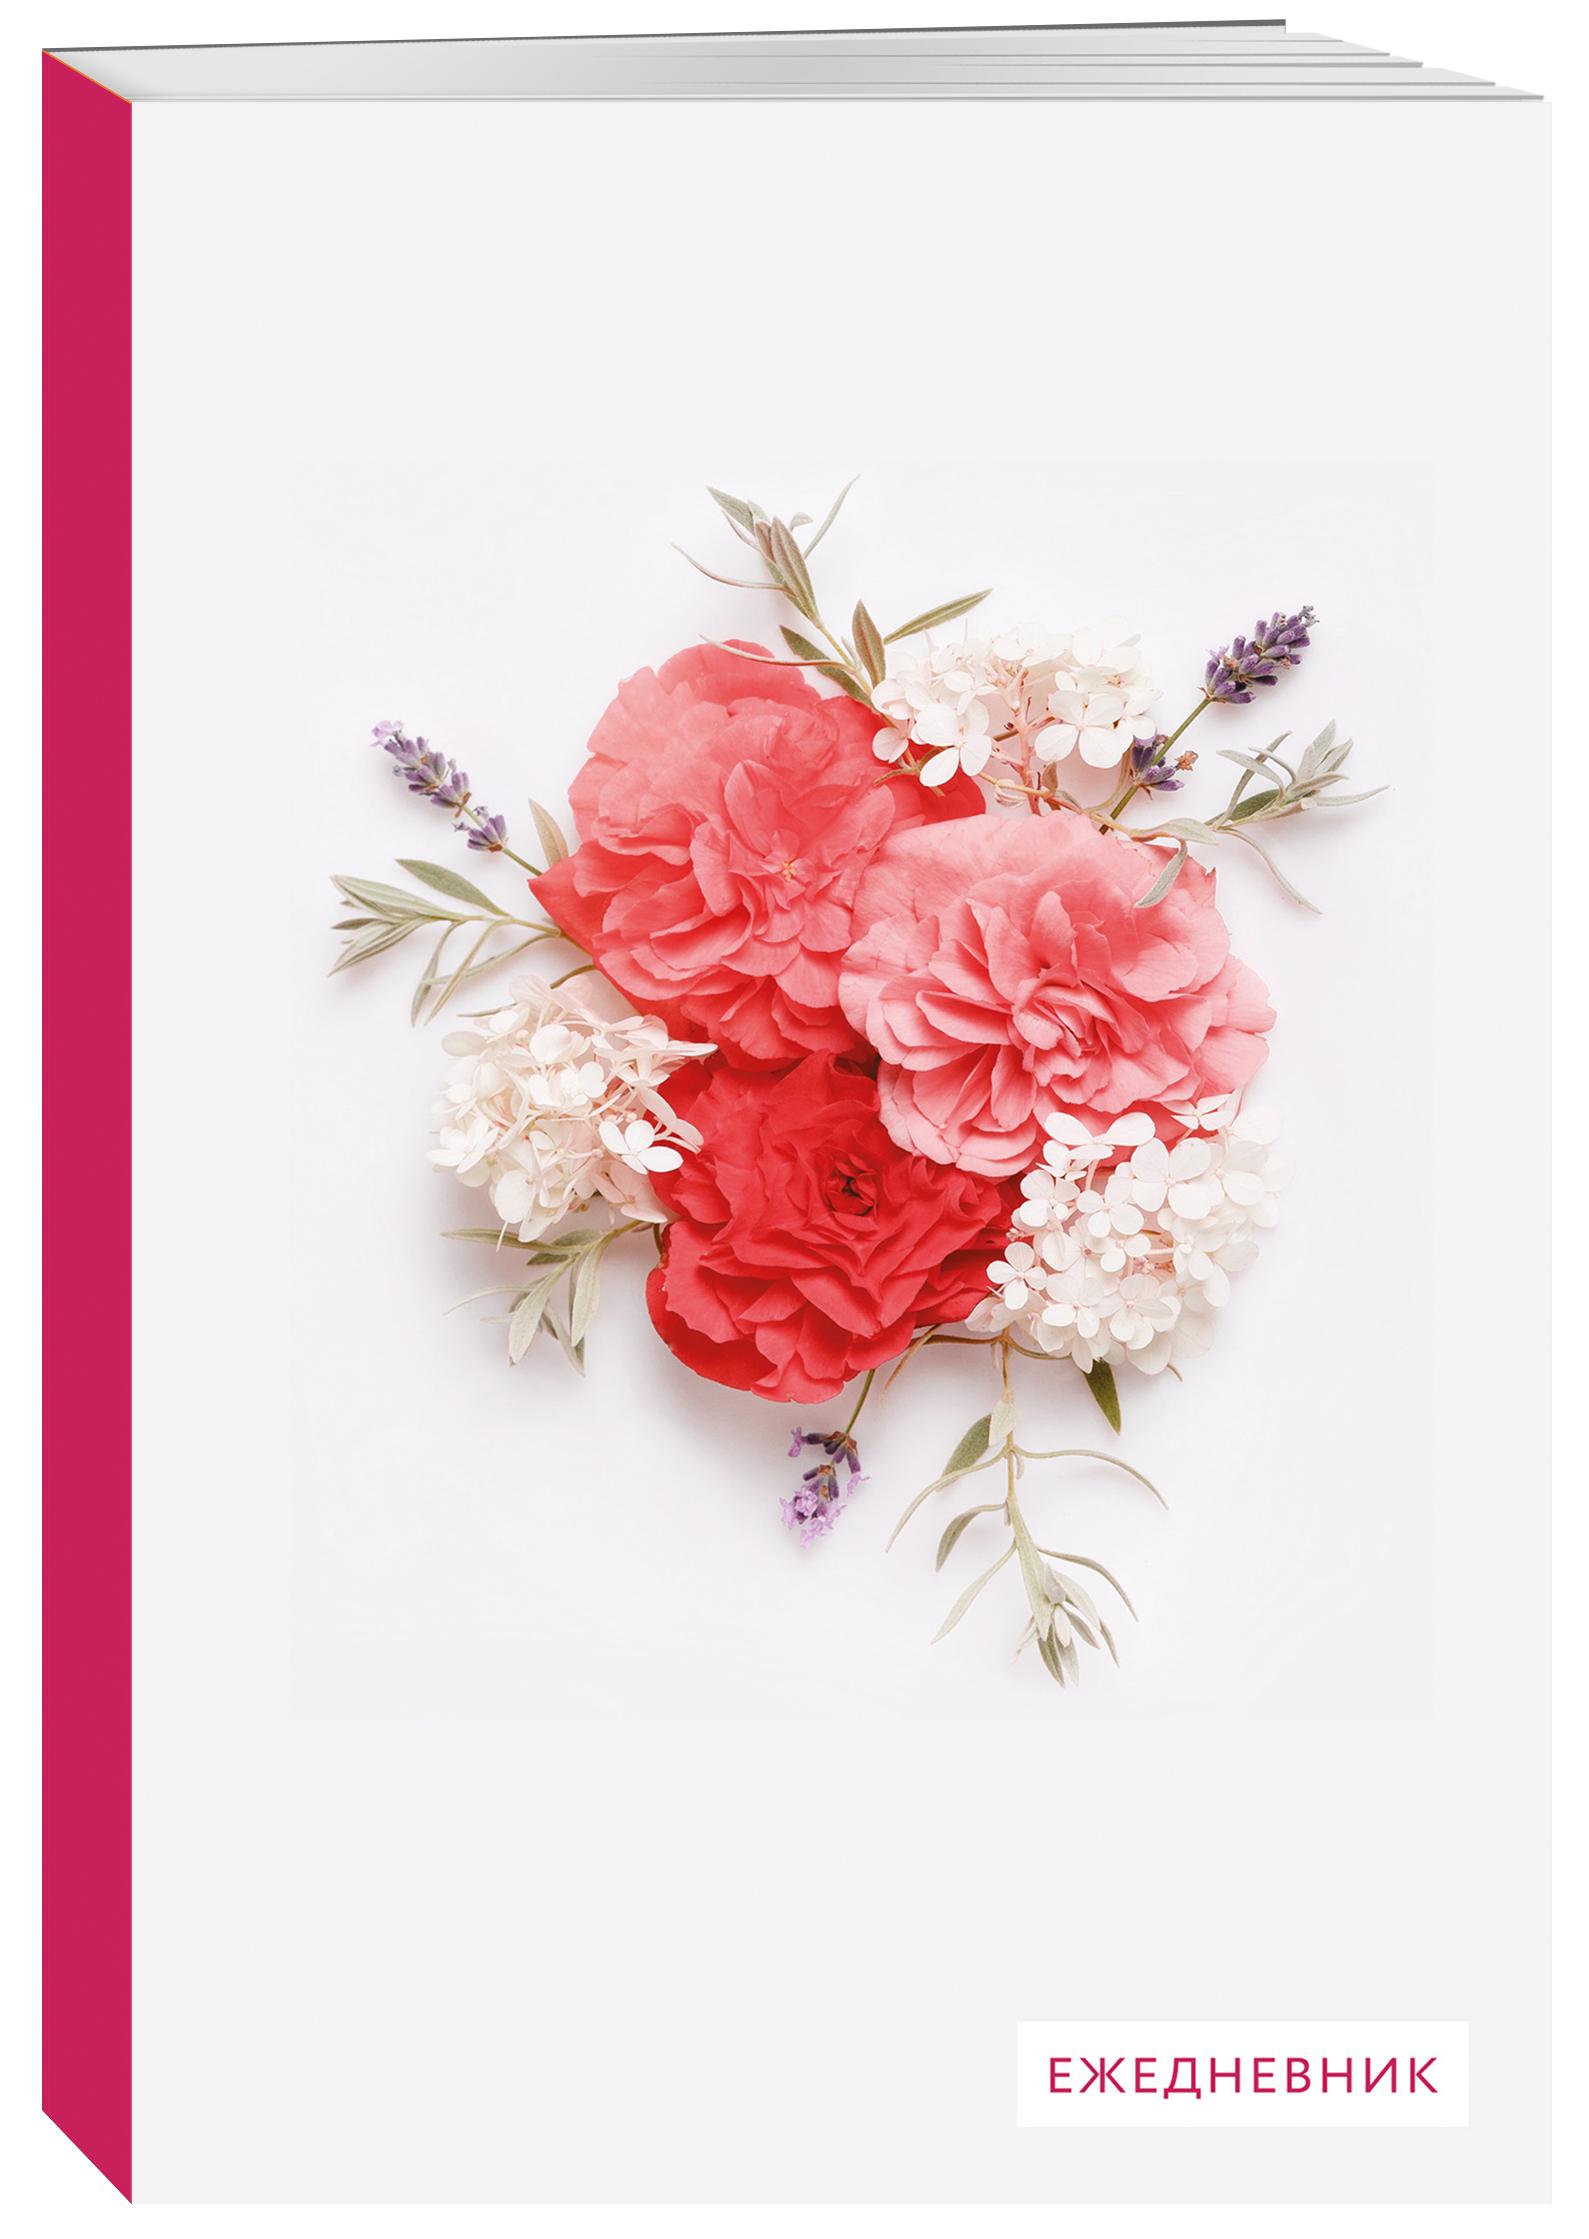 Ботаника. Ежедневник недатированный (розовые цветы)